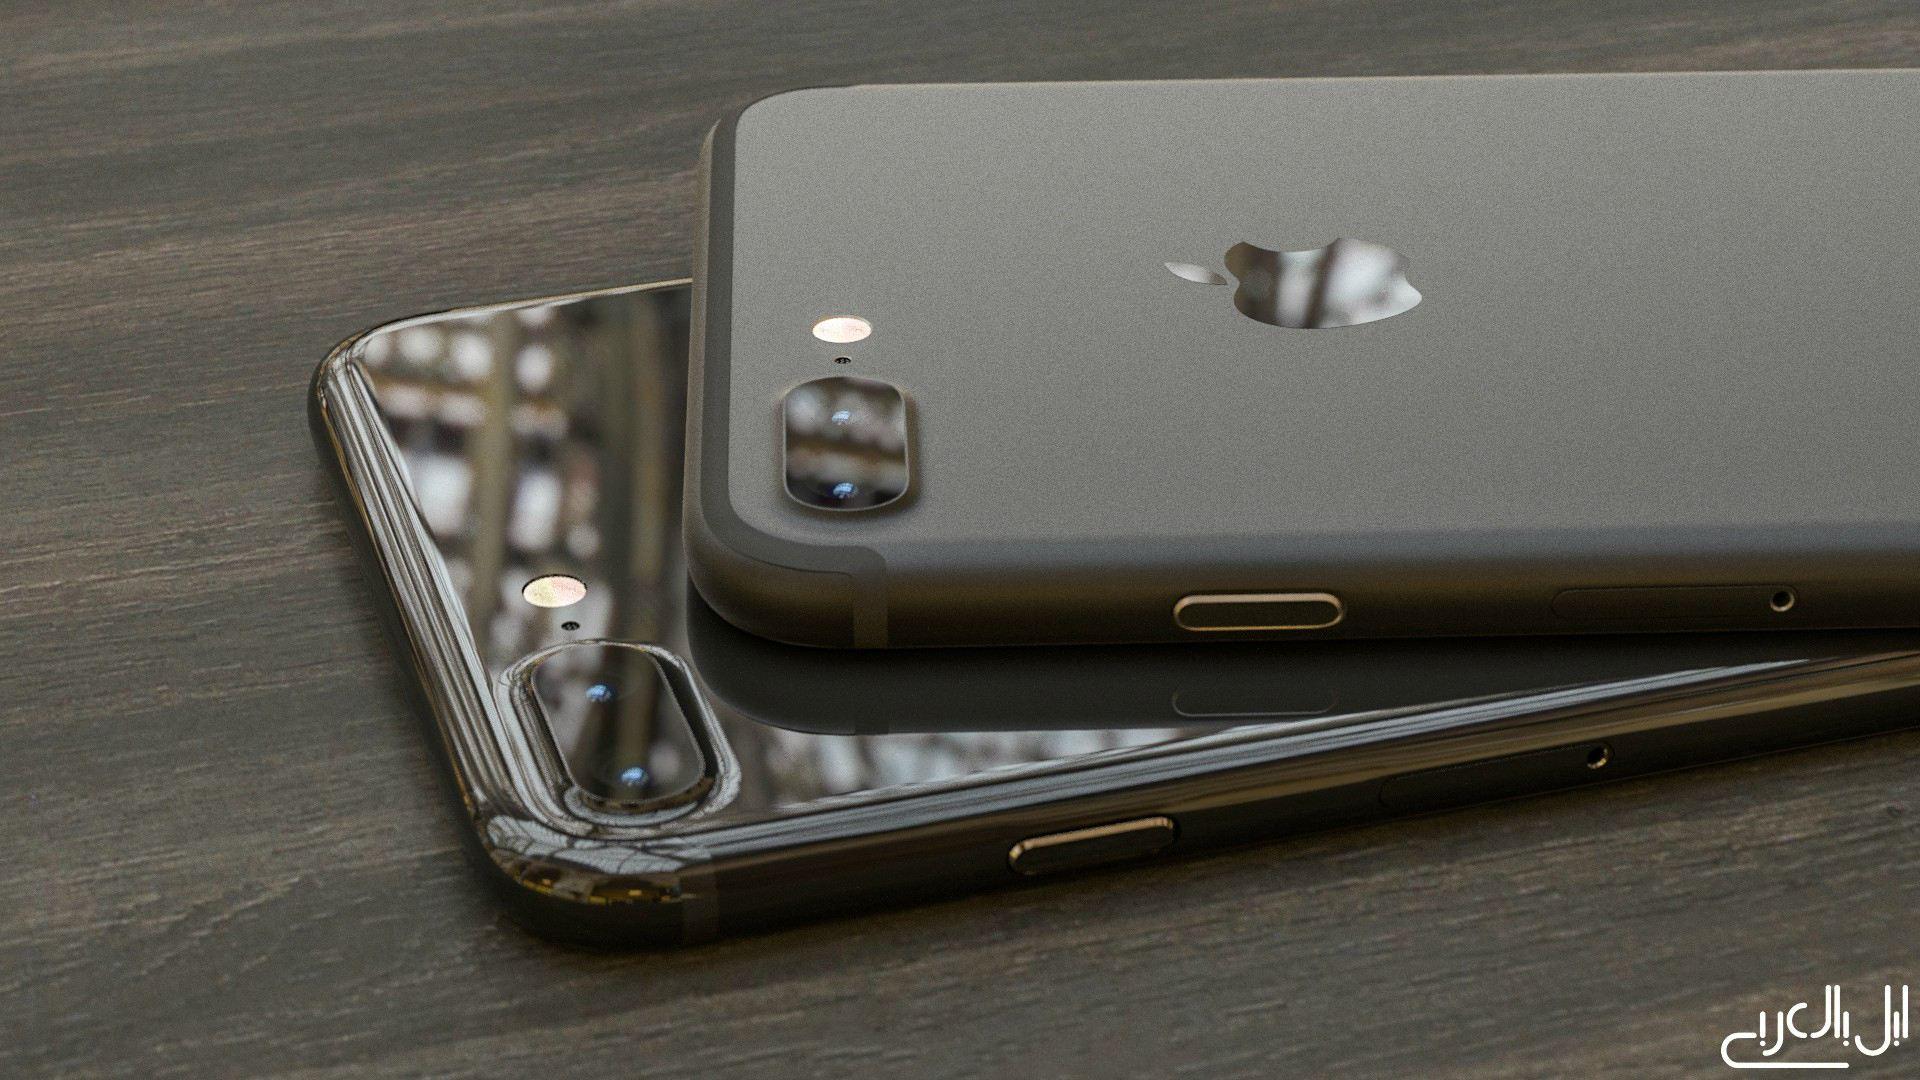 苹果手机回收的一台iphone 7